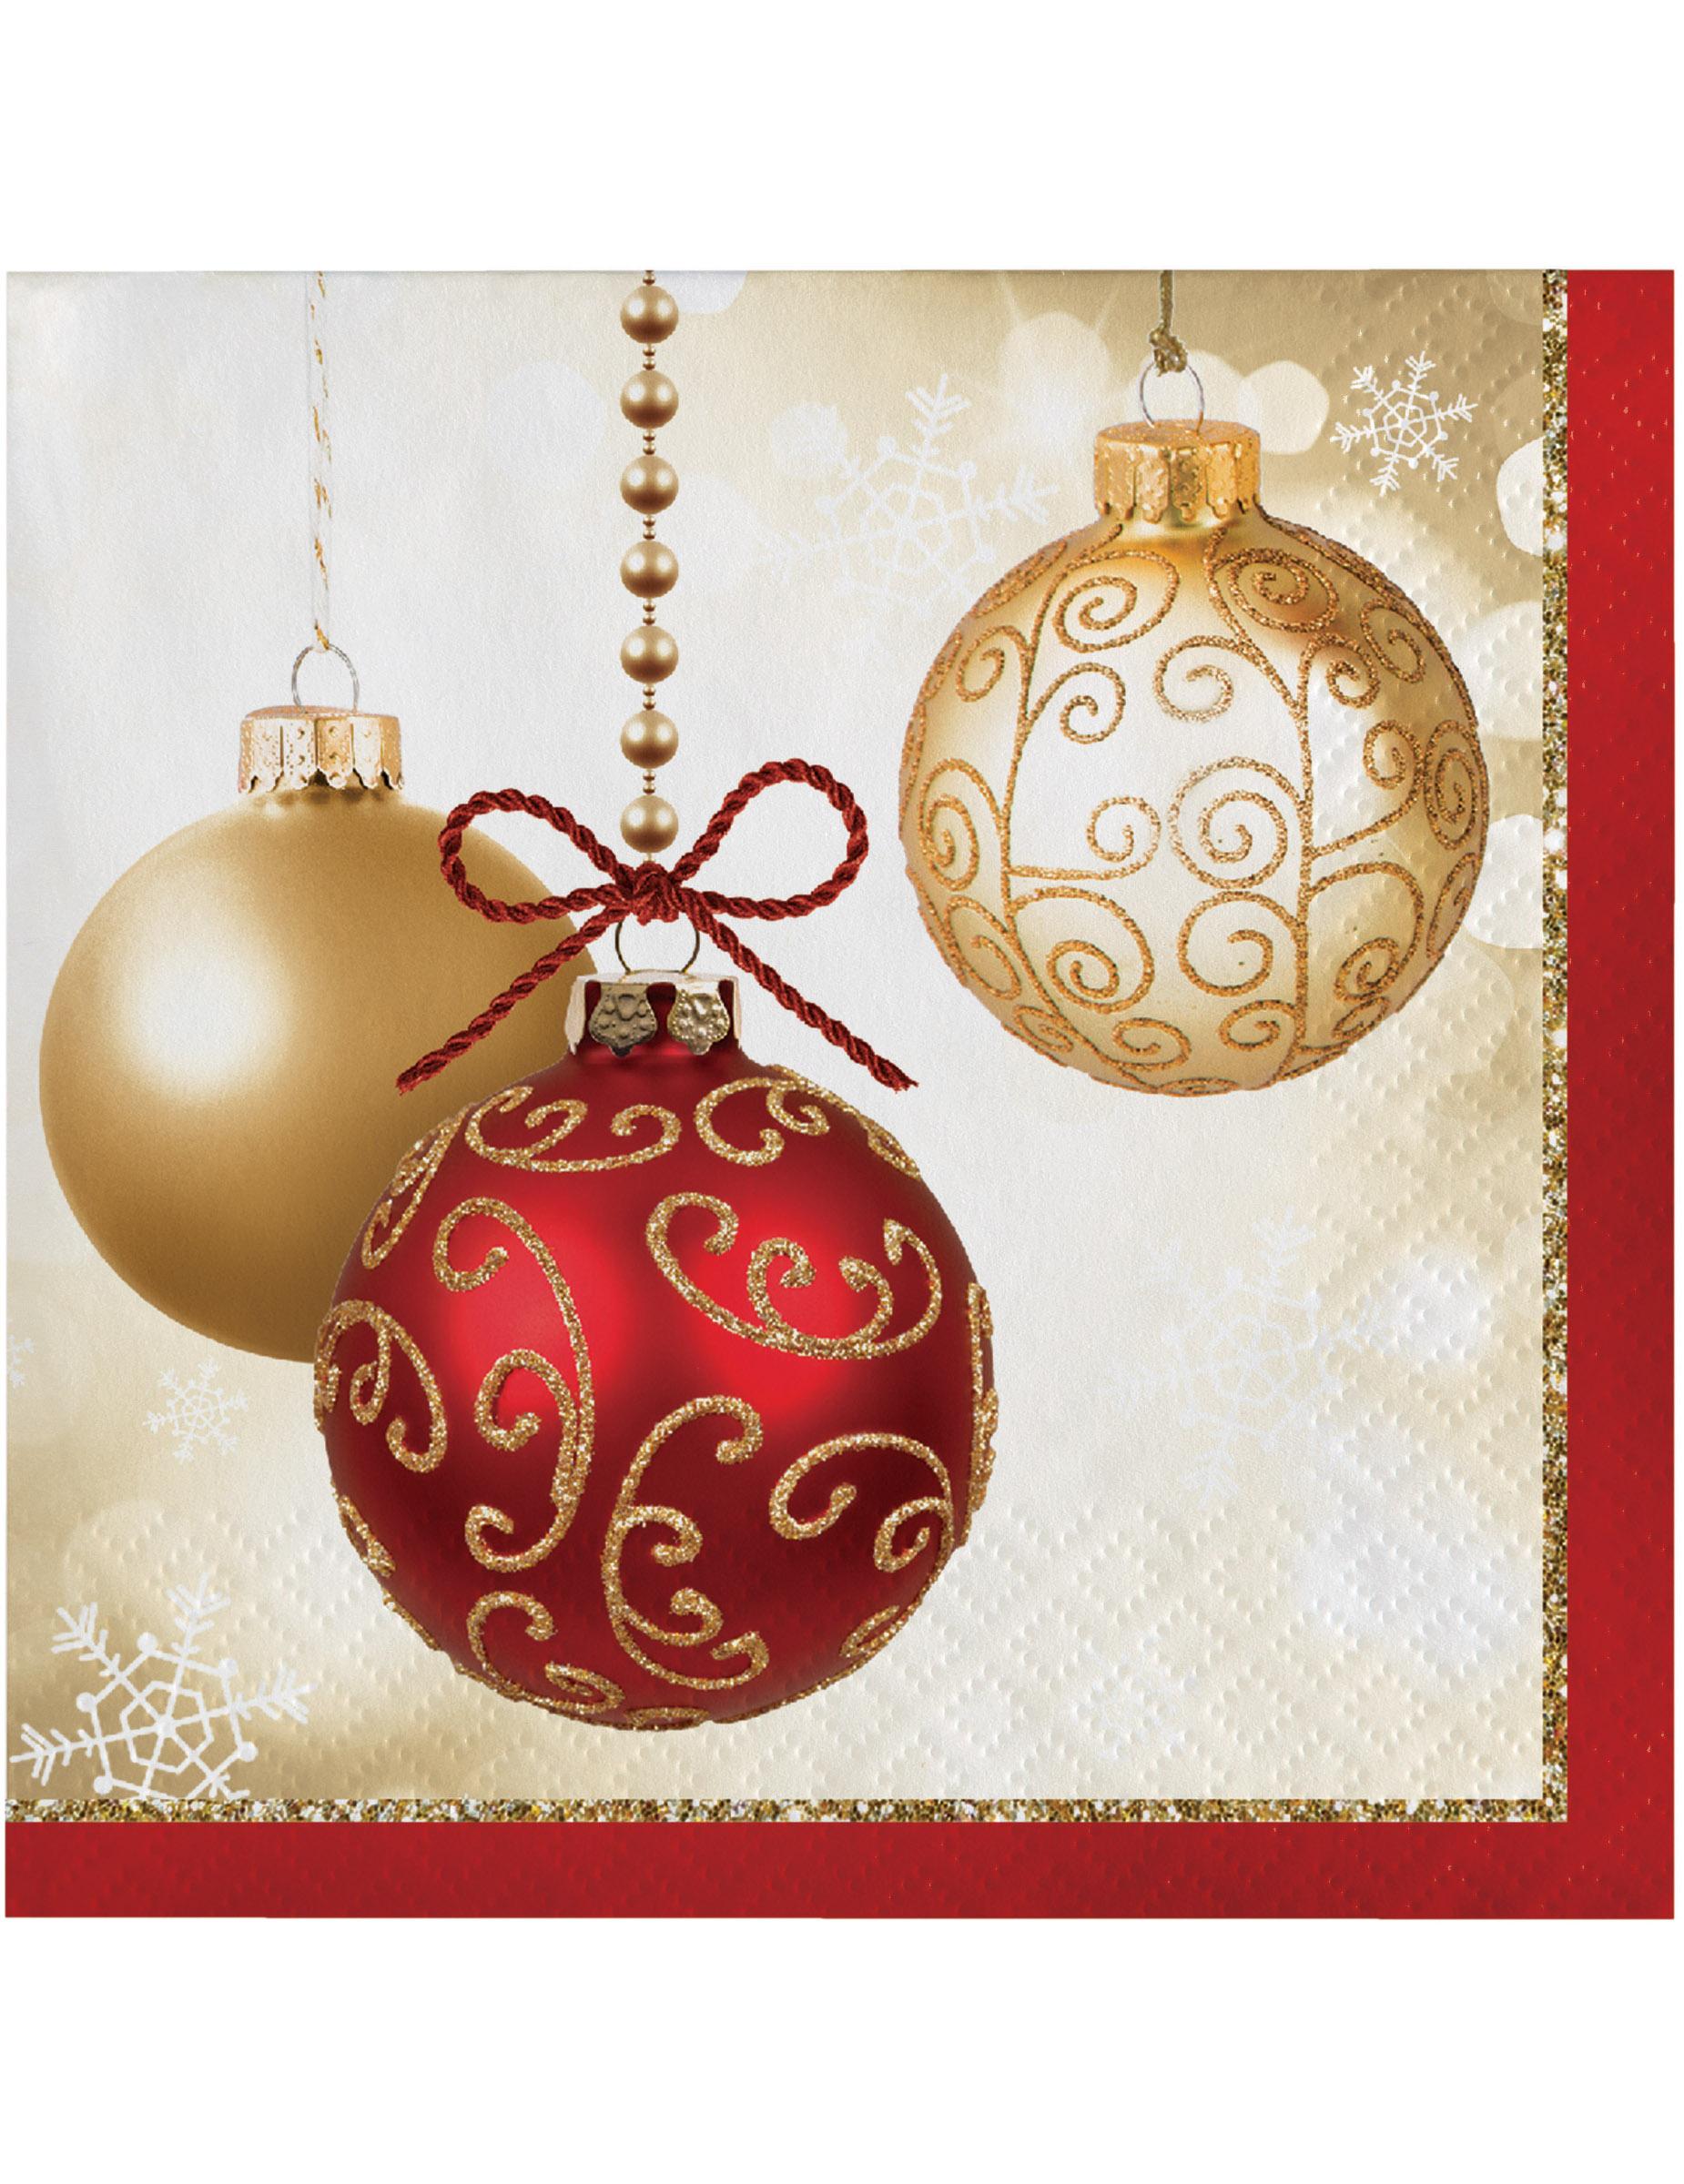 Immagini Palle Di Natale.16 Tovaglioli In Carta Palle Di Natale